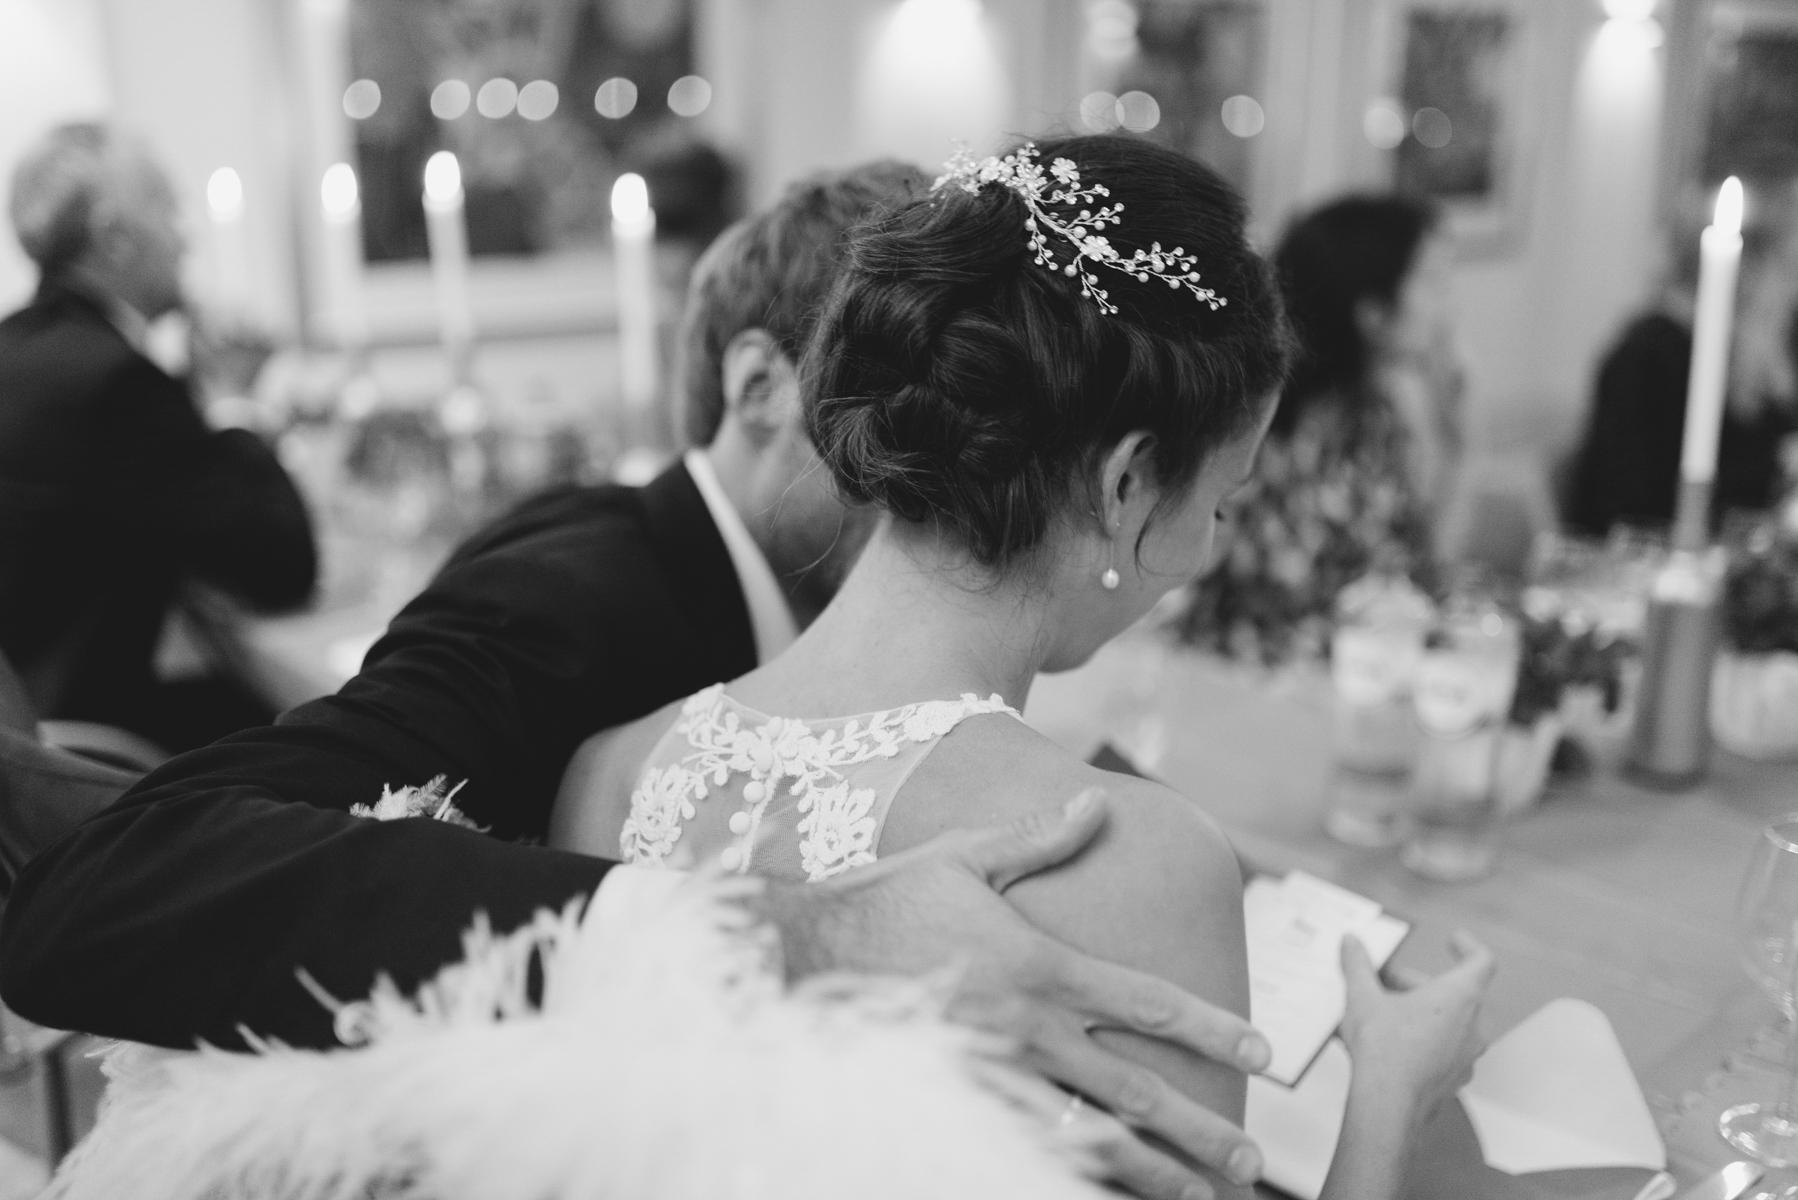 Martijn en Anna trouwen (74 van 98)